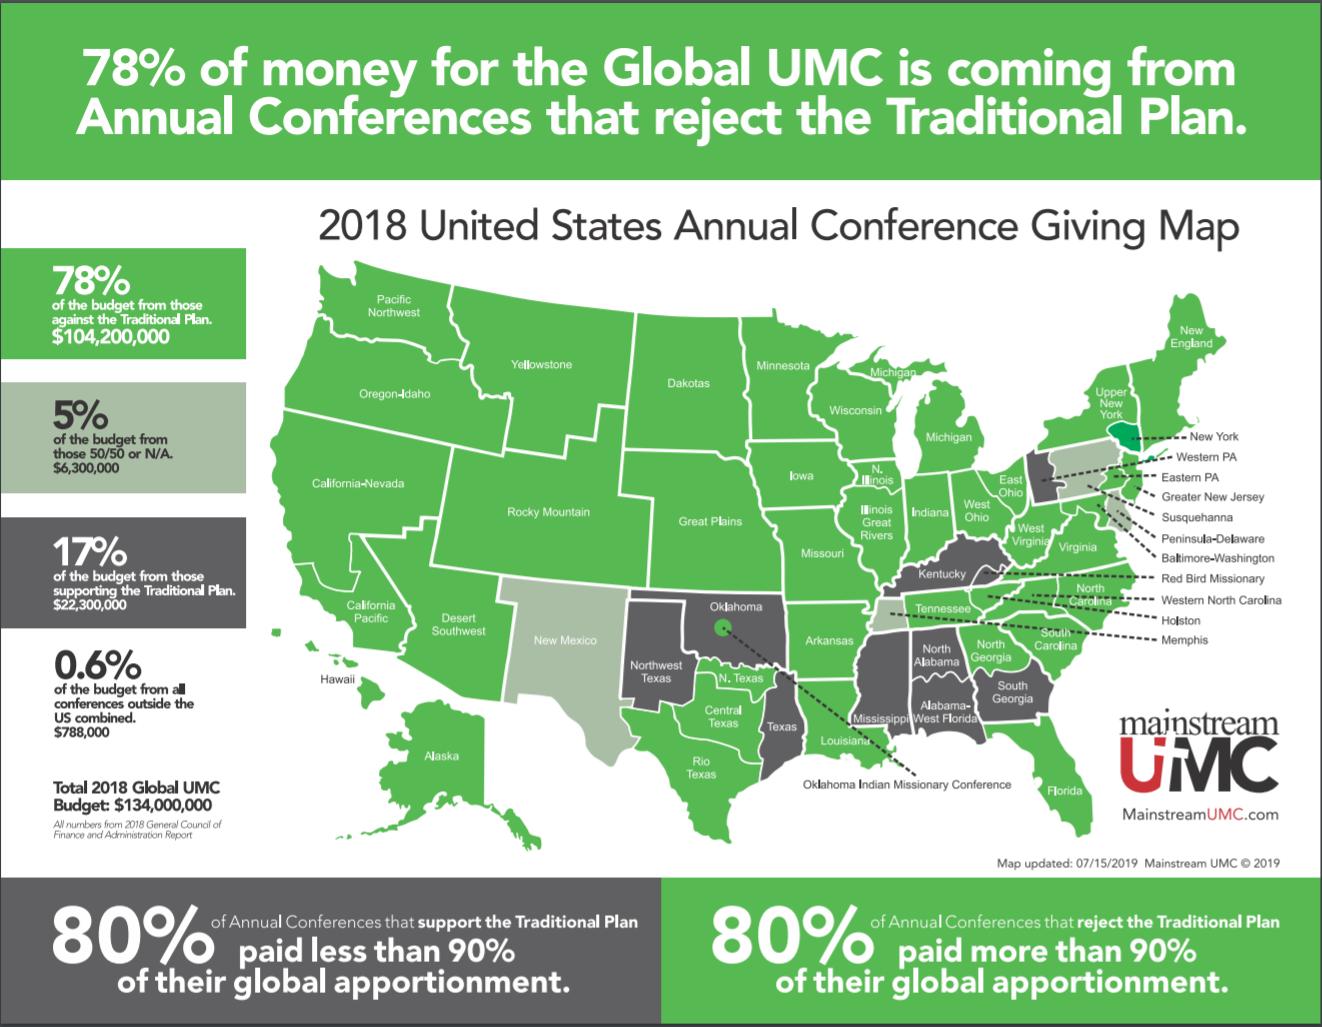 미국 내 연회별 세계선교분담금 지급 내역 지도. 그래픽제공, MainstreamUMC.